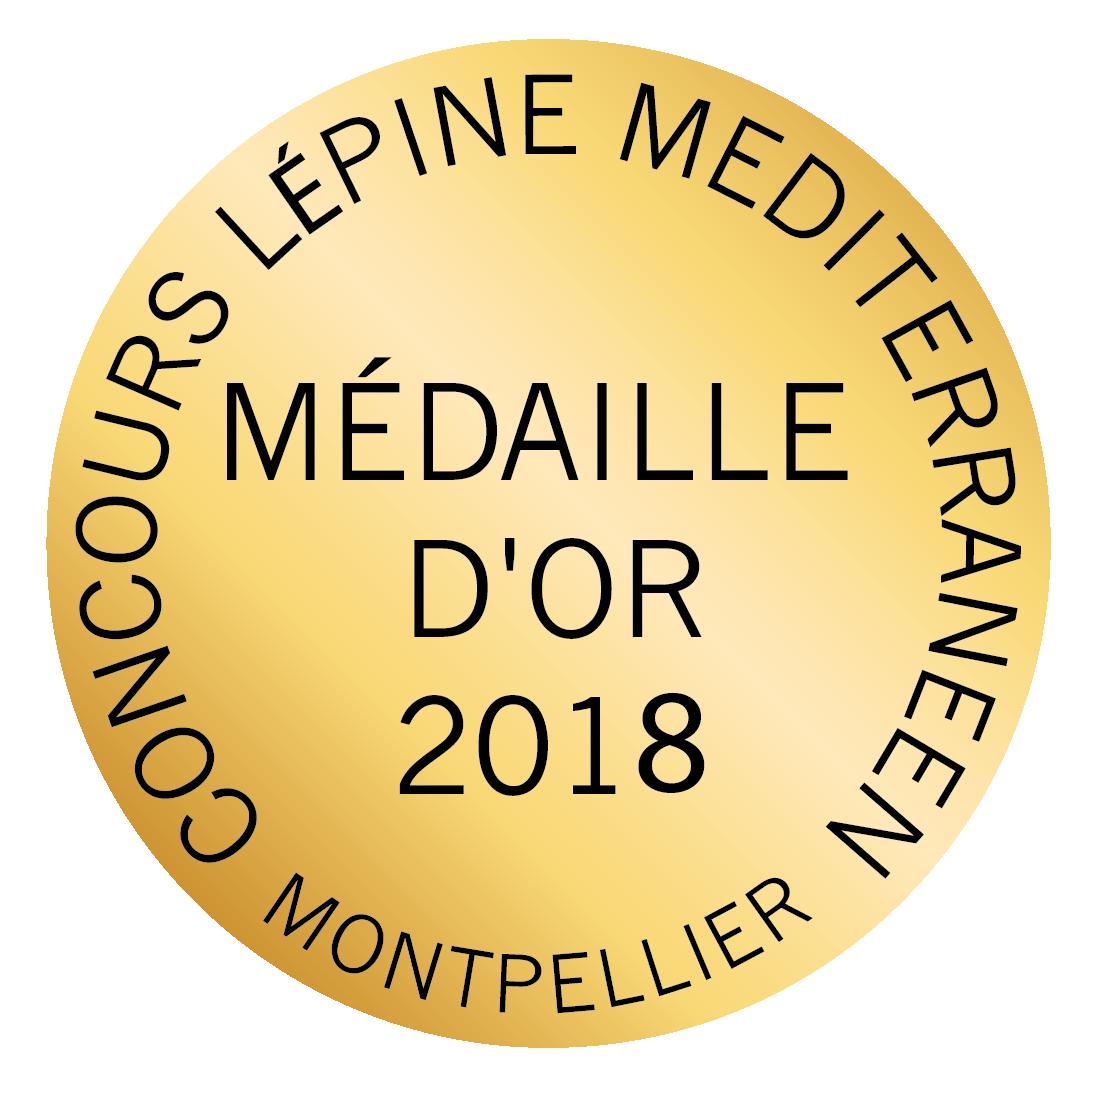 Médaille d'or concours lépine méditerranéen 2018